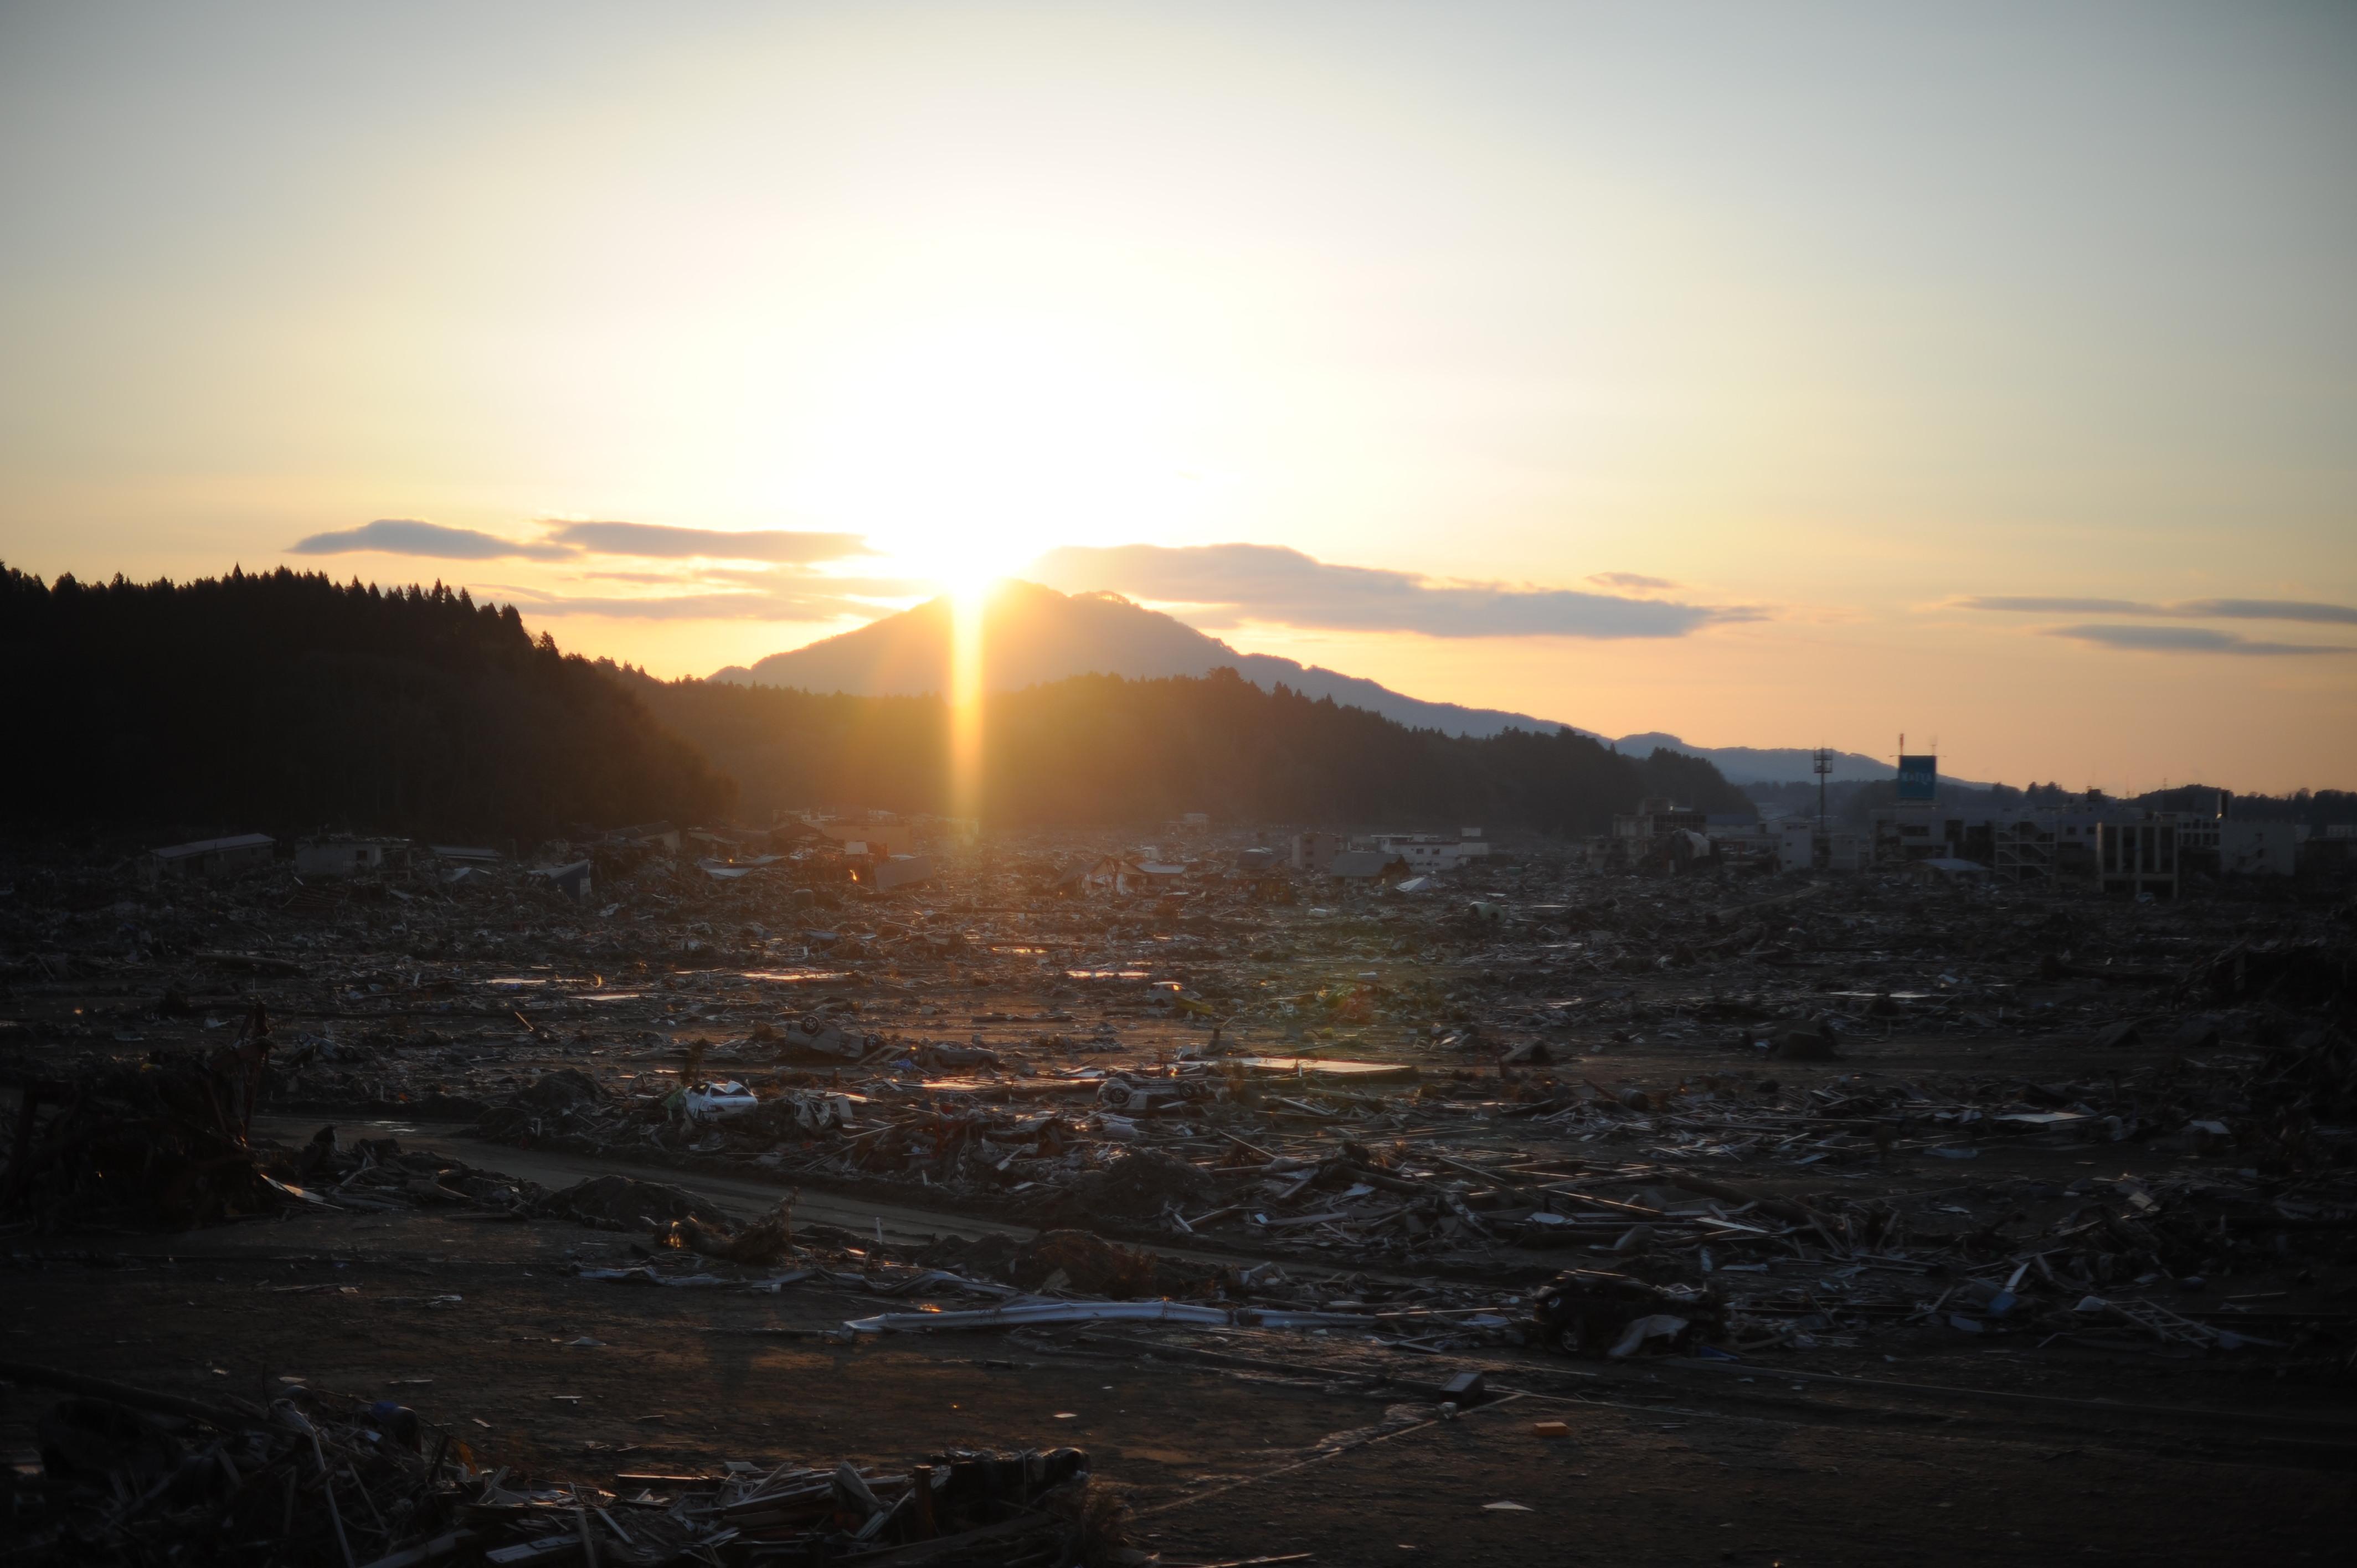 写真は「未来への手紙」。震災が女性フォトジャーナリストに教えた写真の責任とは。